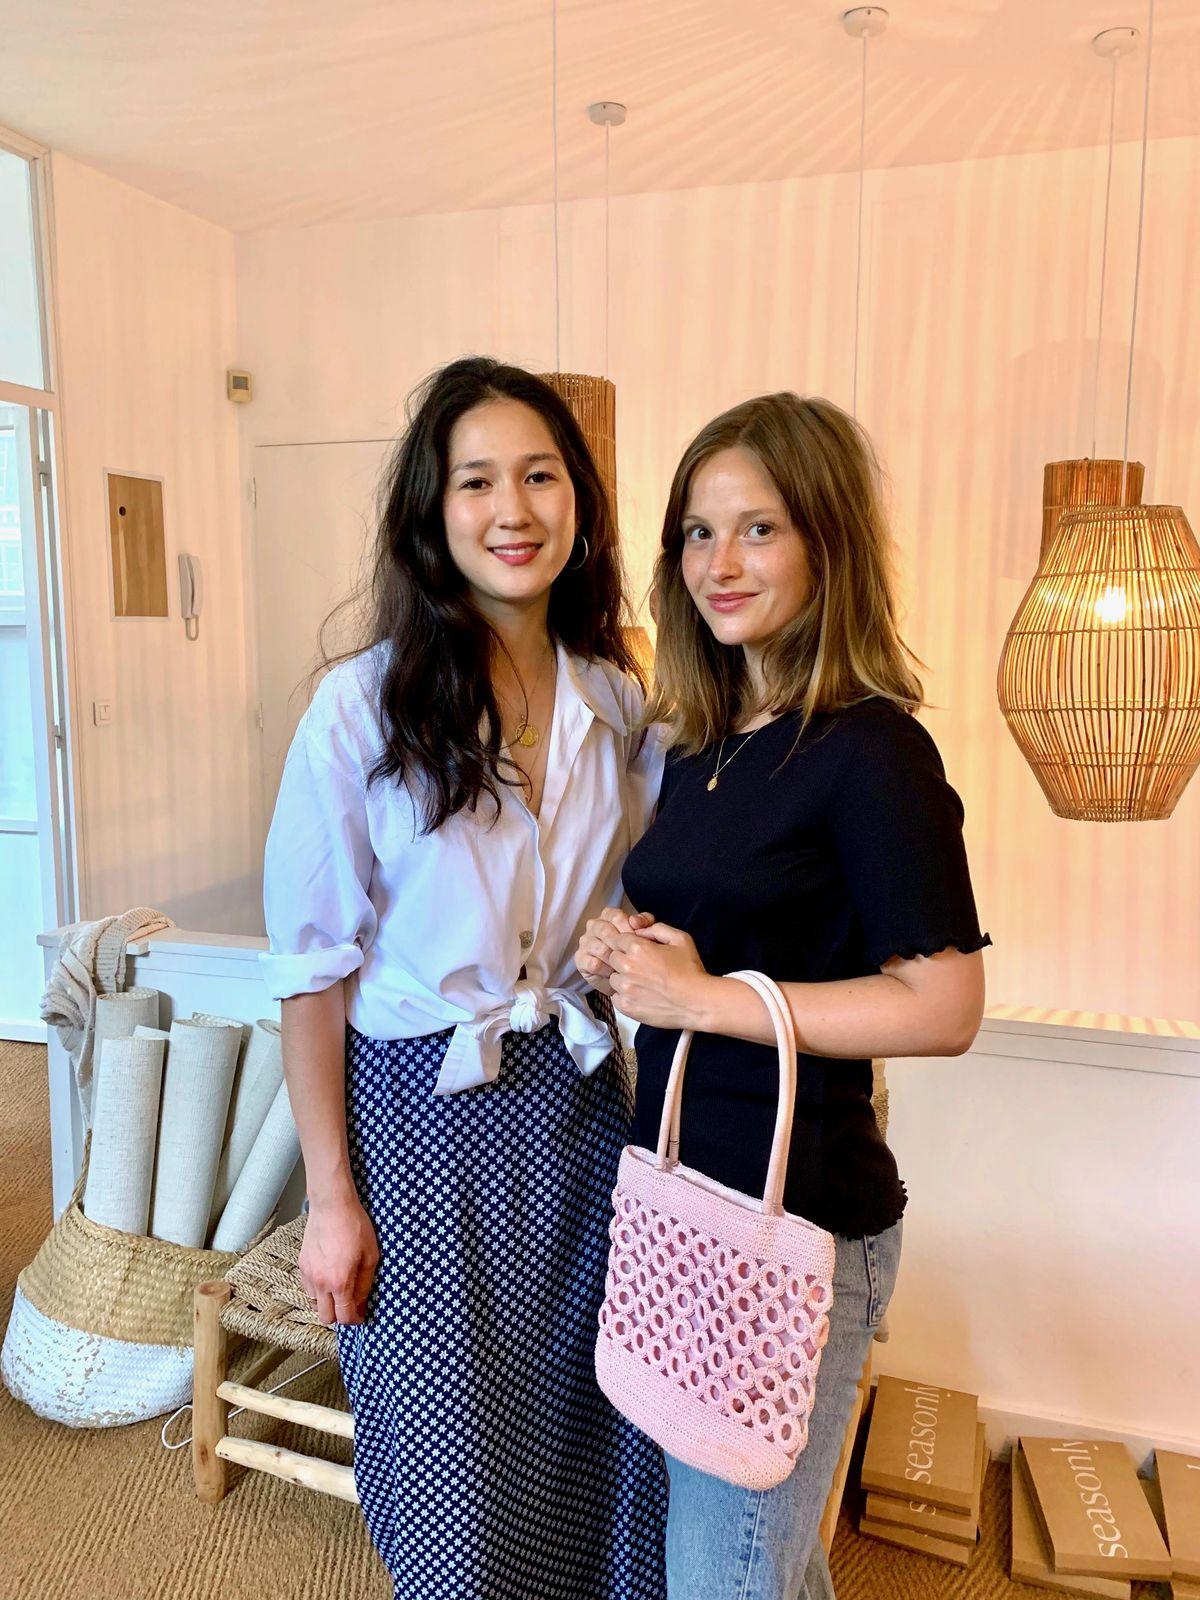 Hannah Stioui and Camille Yolaine